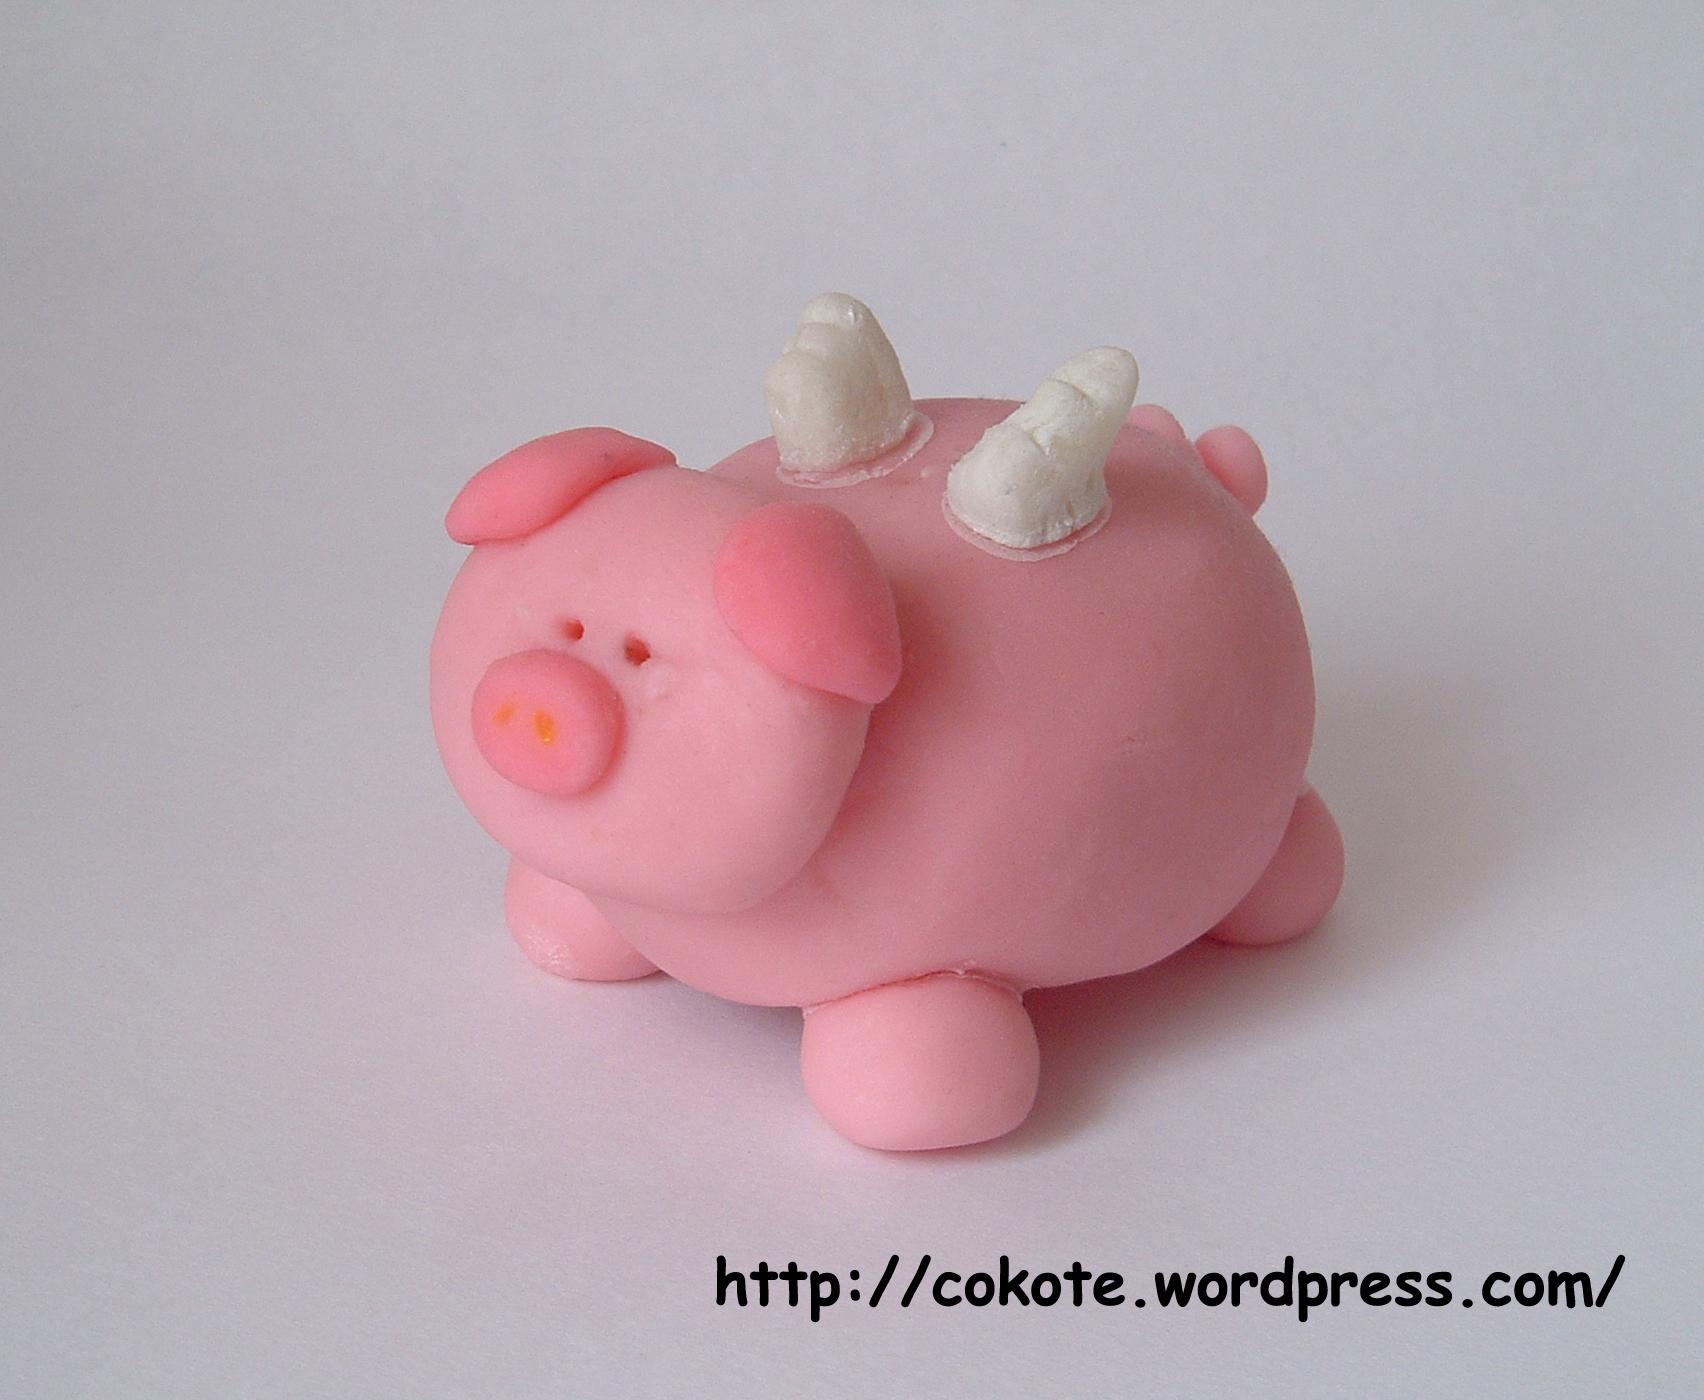 Figuras de cer mica en fr o cokote 39 s blog for Figuras ceramica